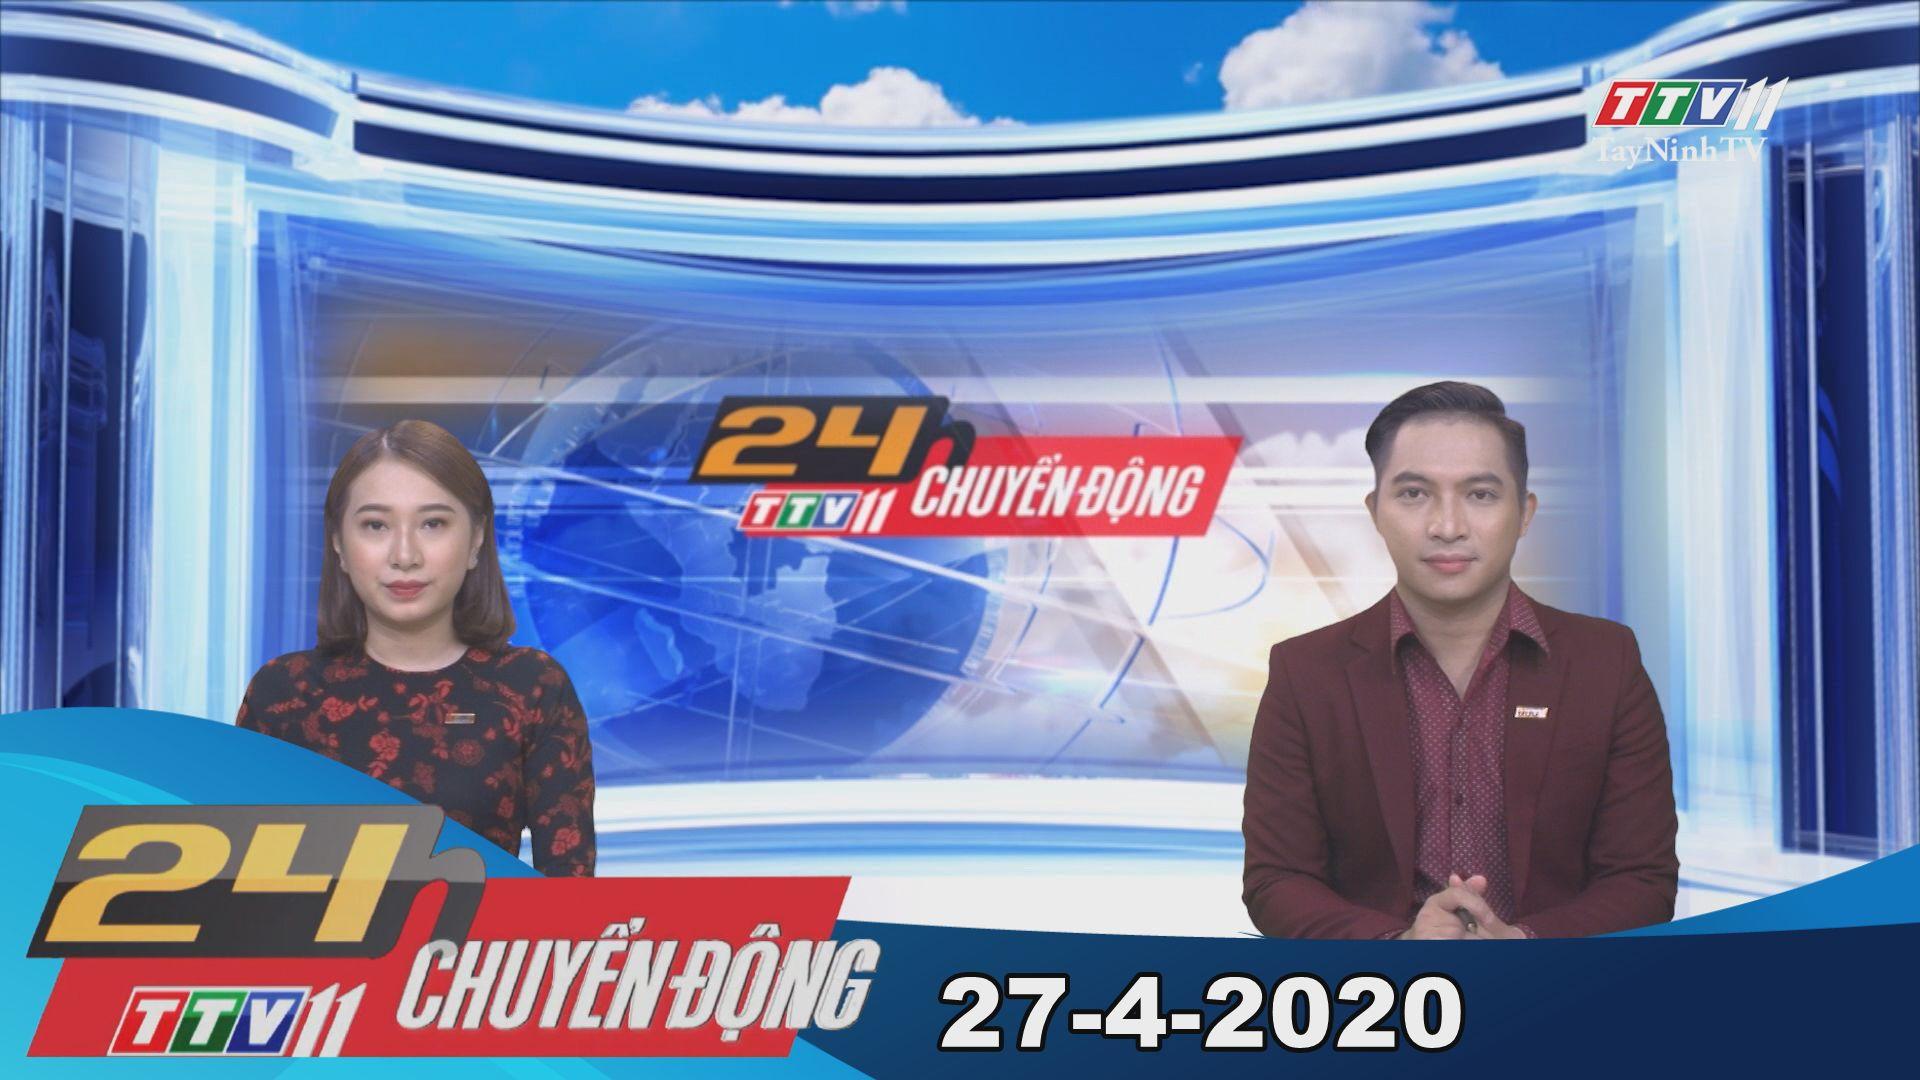 24h Chuyển động 27-4-2020 | Tin tức hôm nay | TayNinhTV